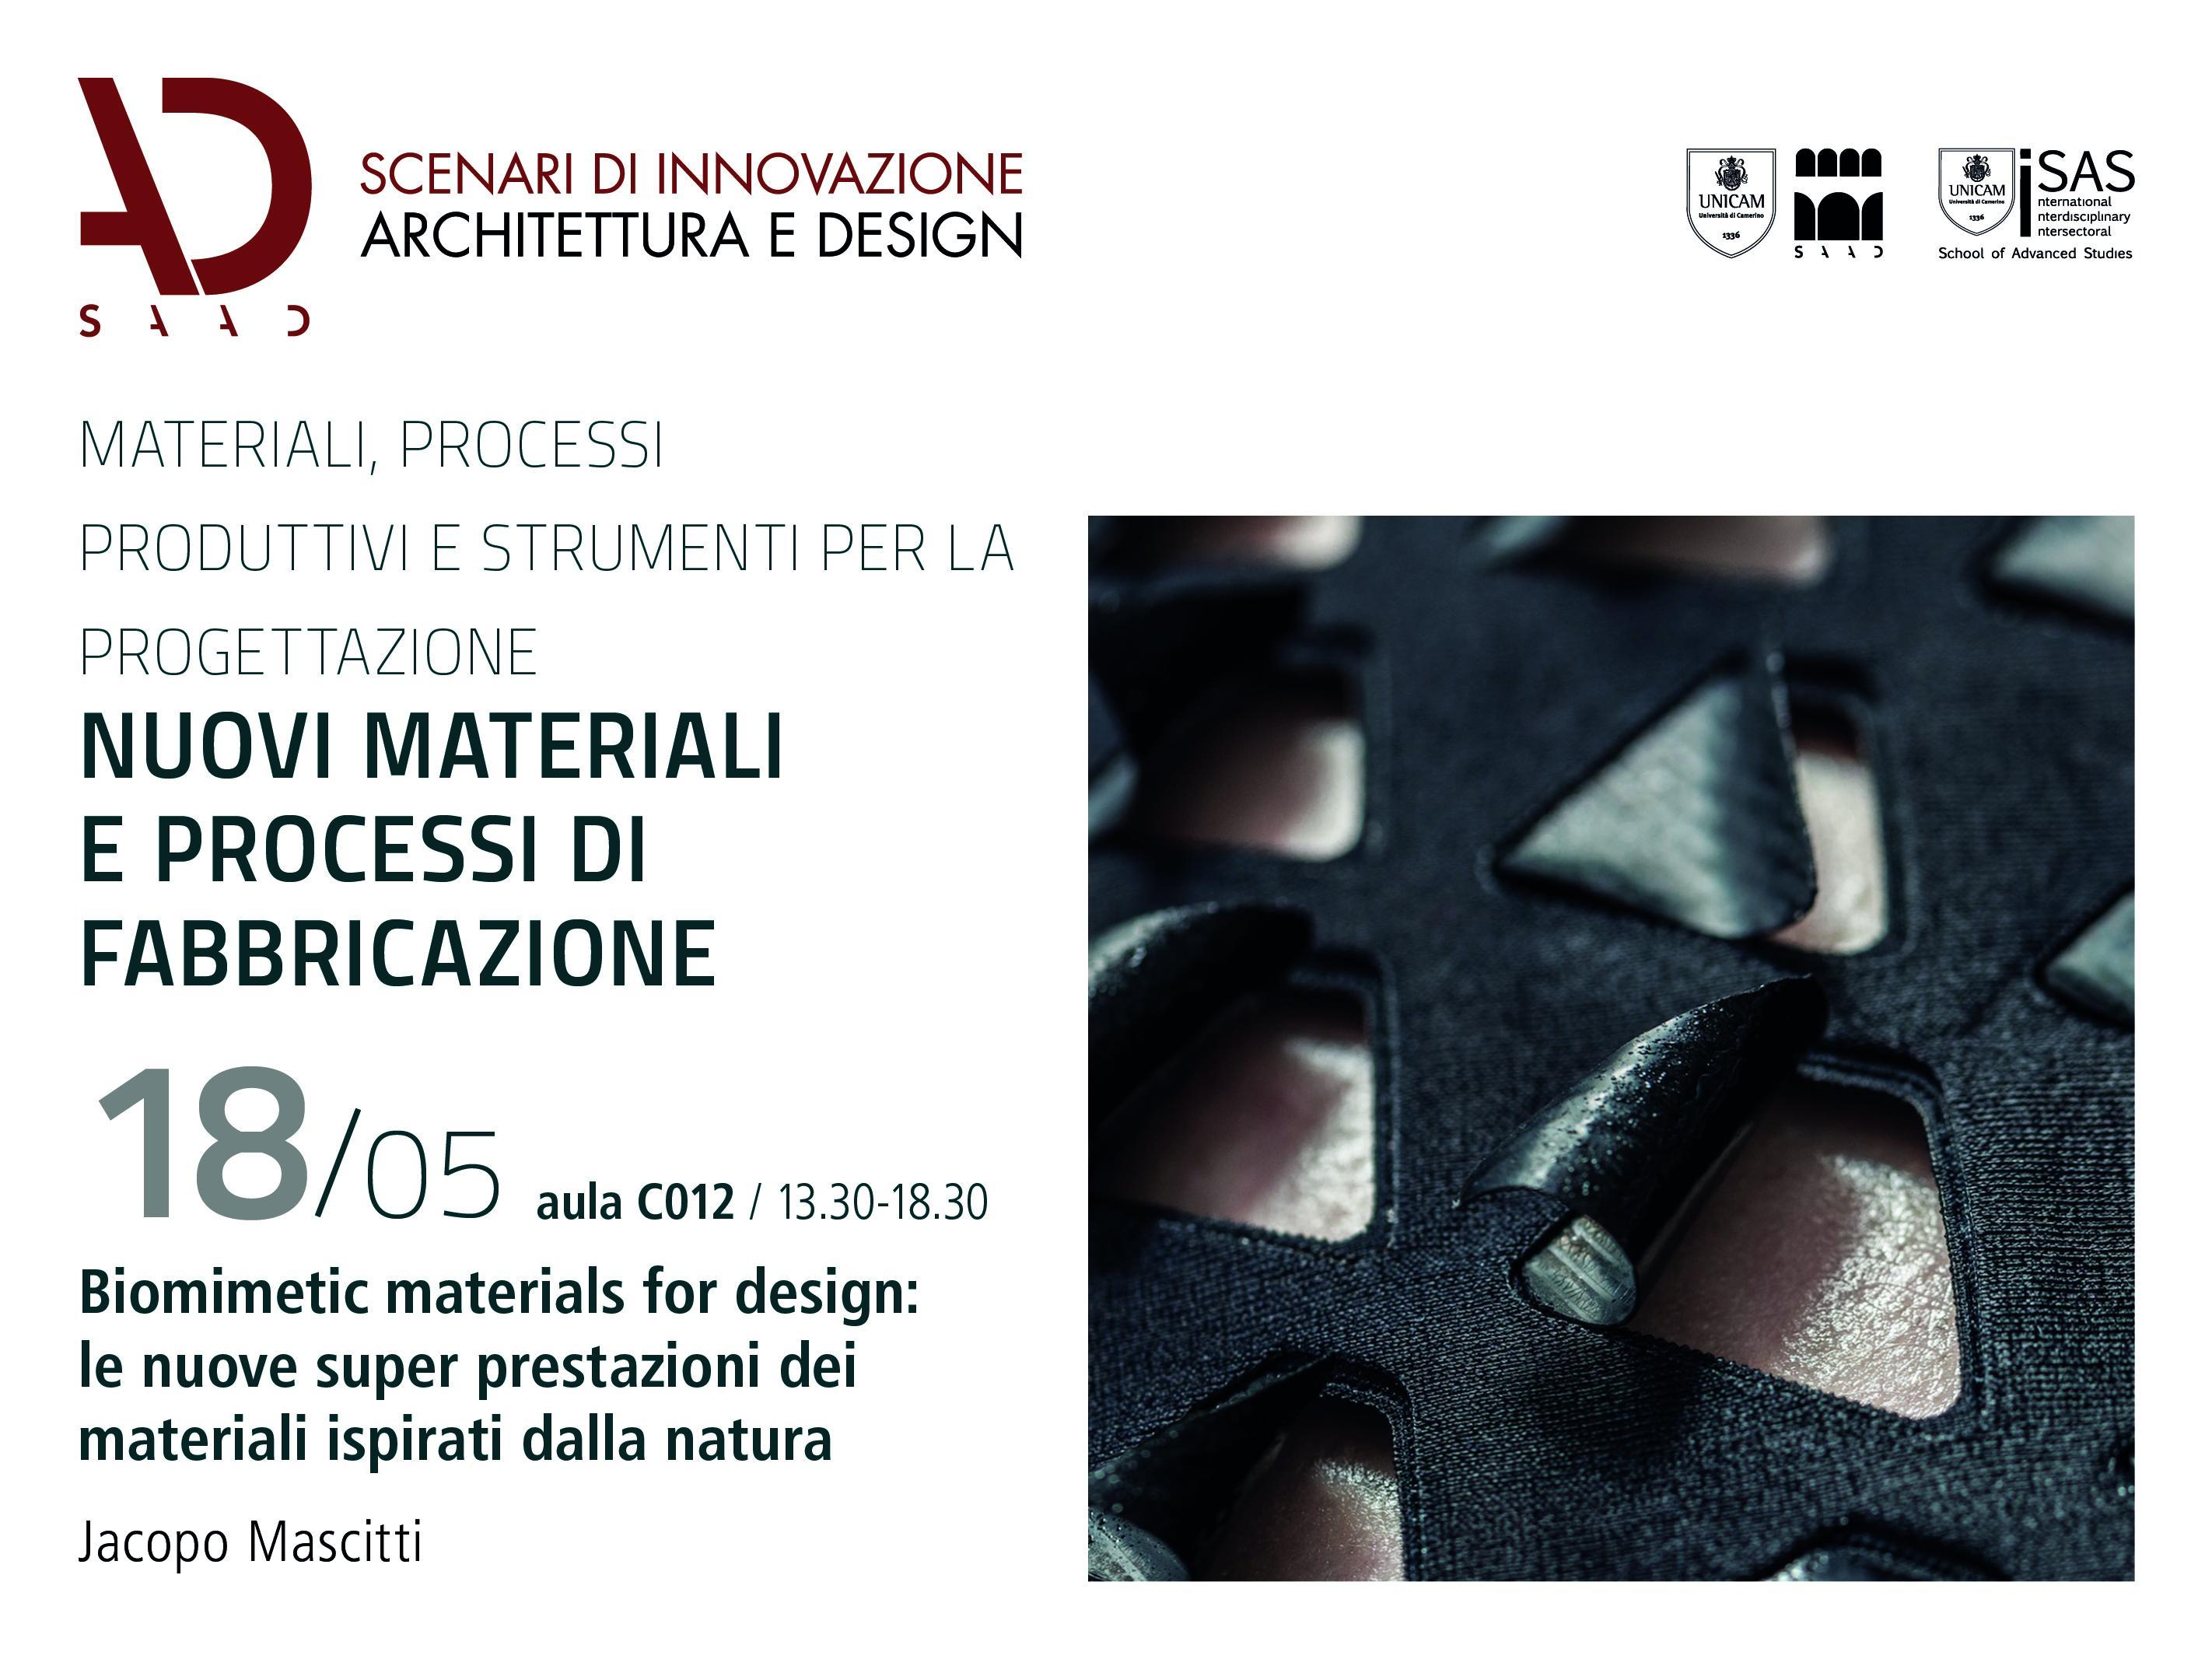 Ufficio Erasmus Architettura Firenze : Tutte le notizie scuola di ateneo architettura e design